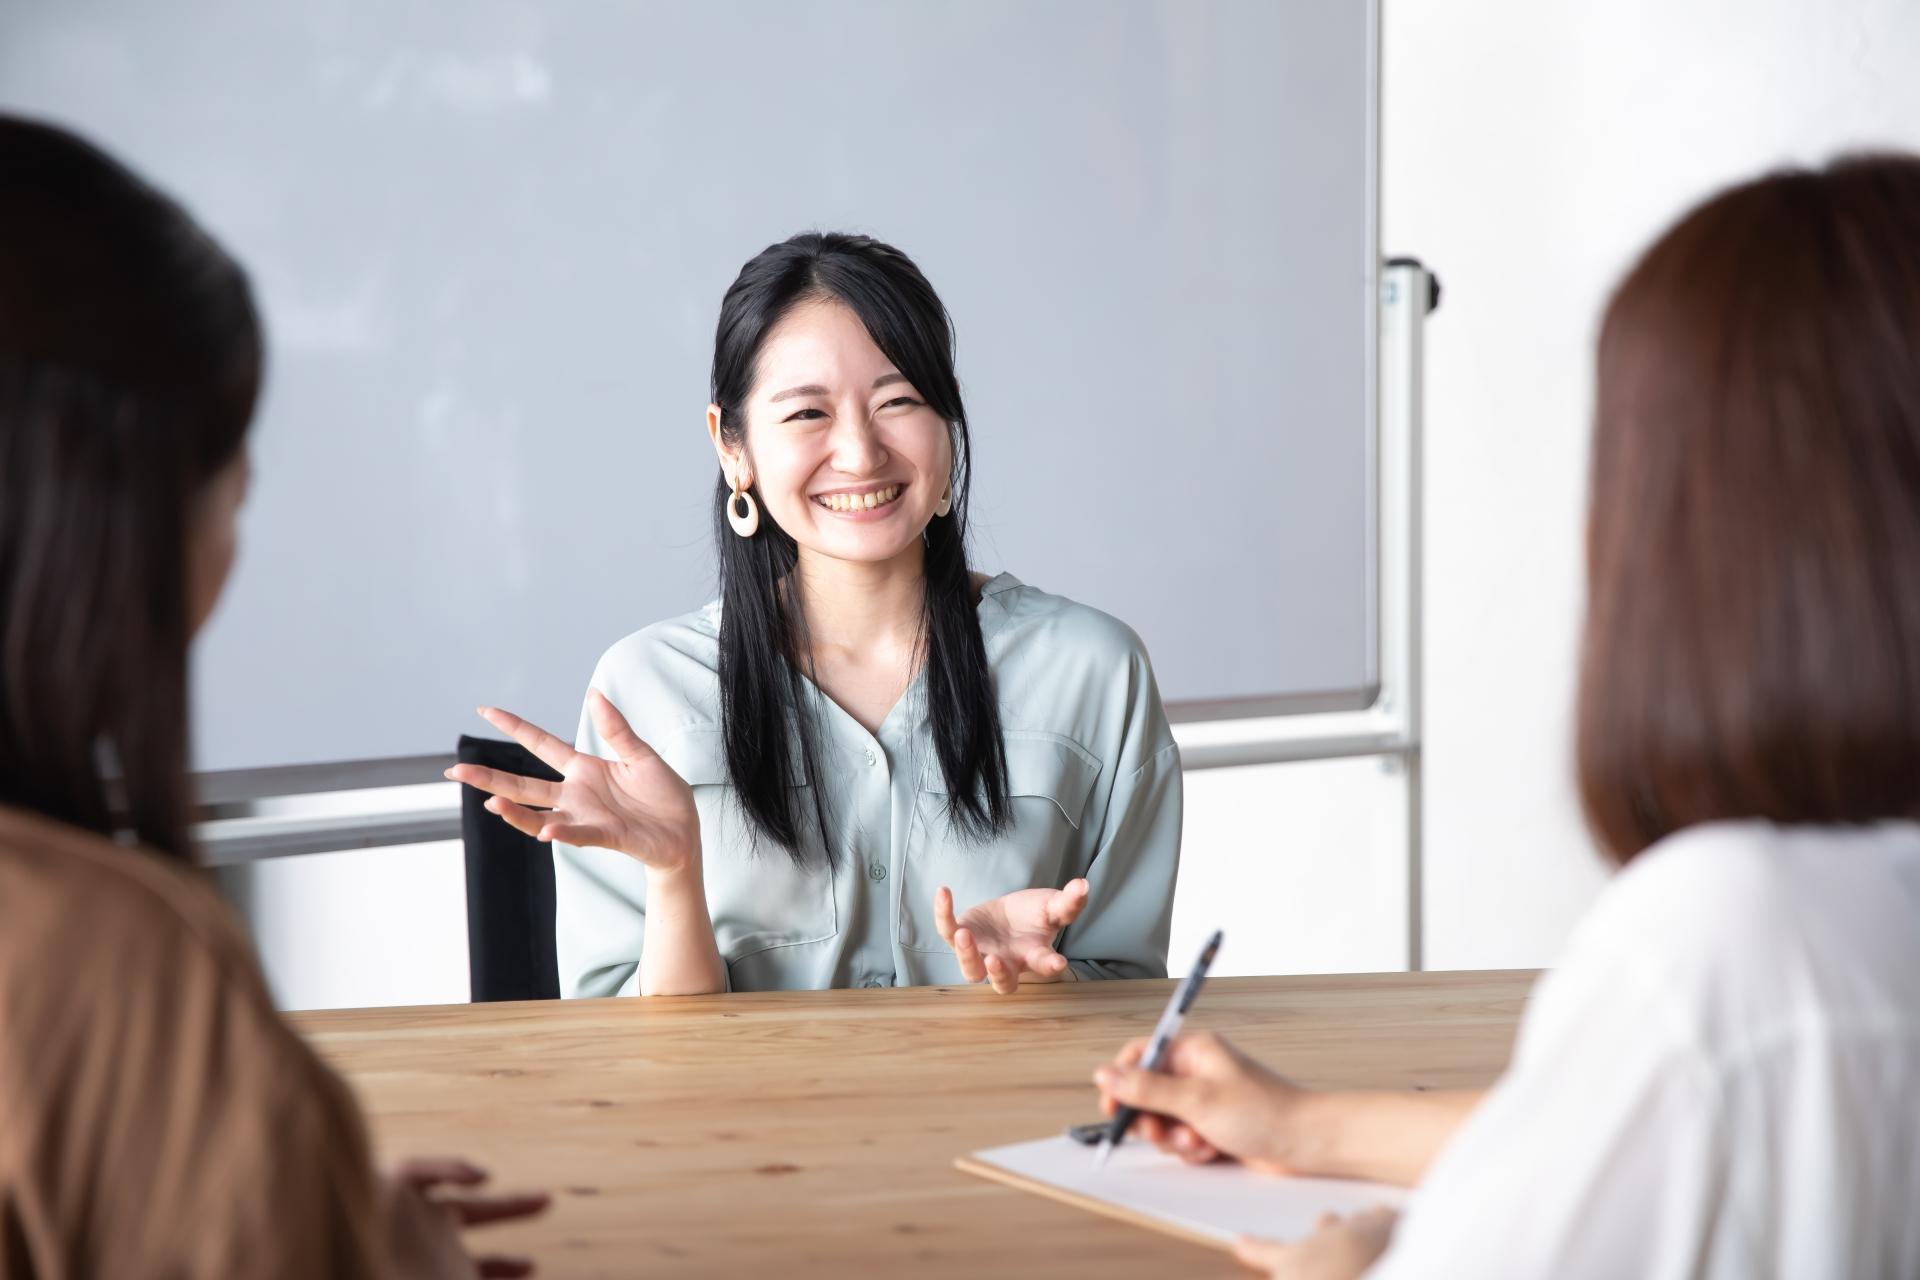 KHÓ hay DỄ khi học Đại Học ở Nhật? Cách vượt qua những khó khăn ban đầu(Phần 2)